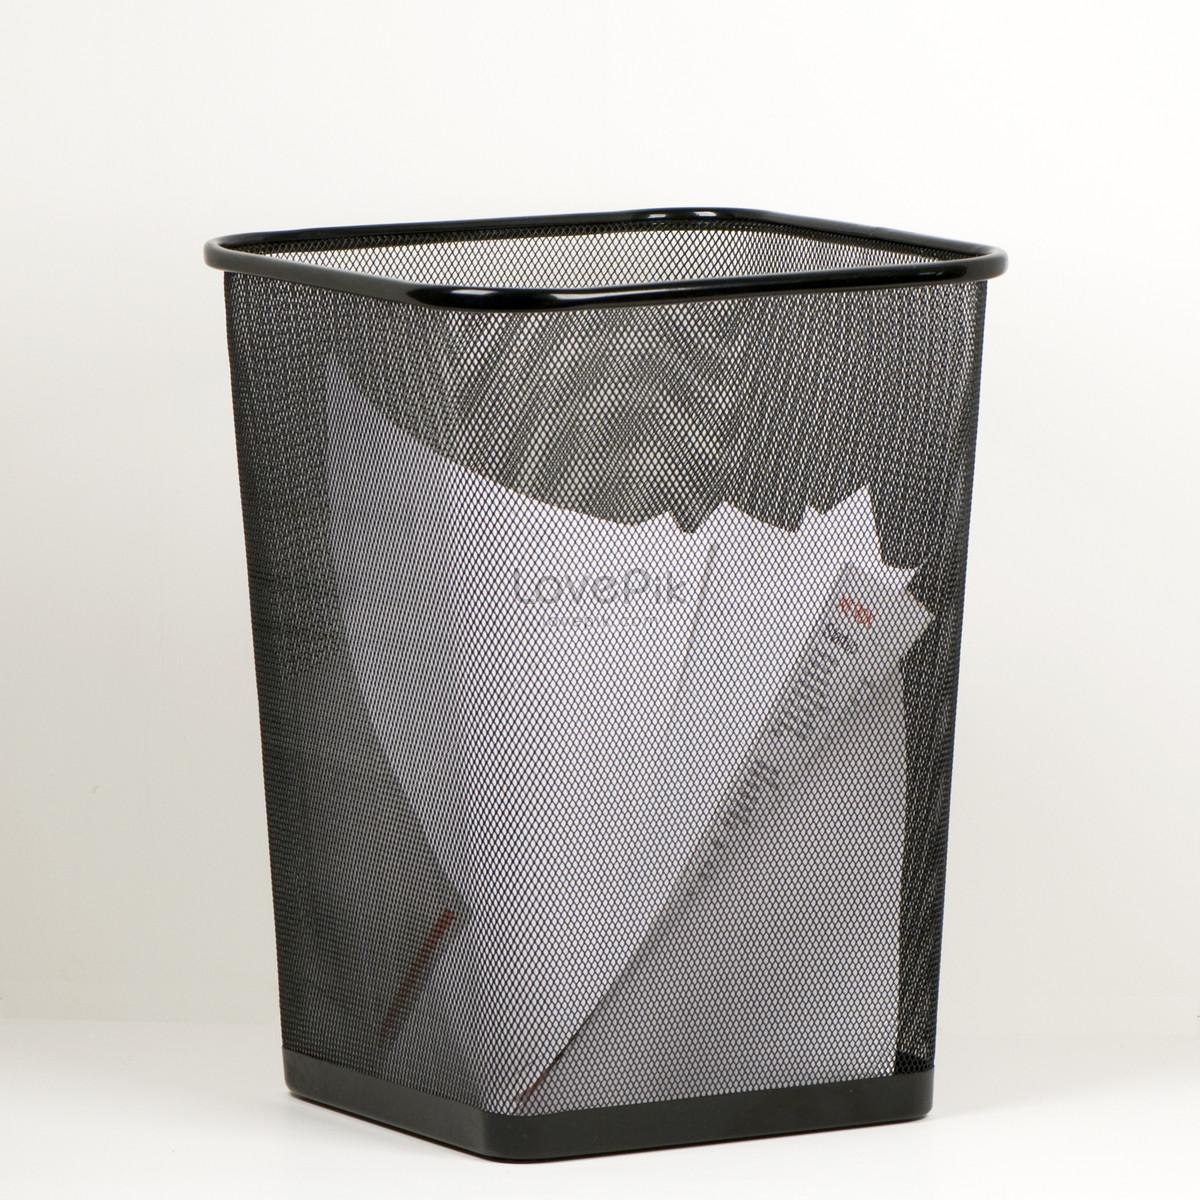 Office Metal Waste Paper Basket